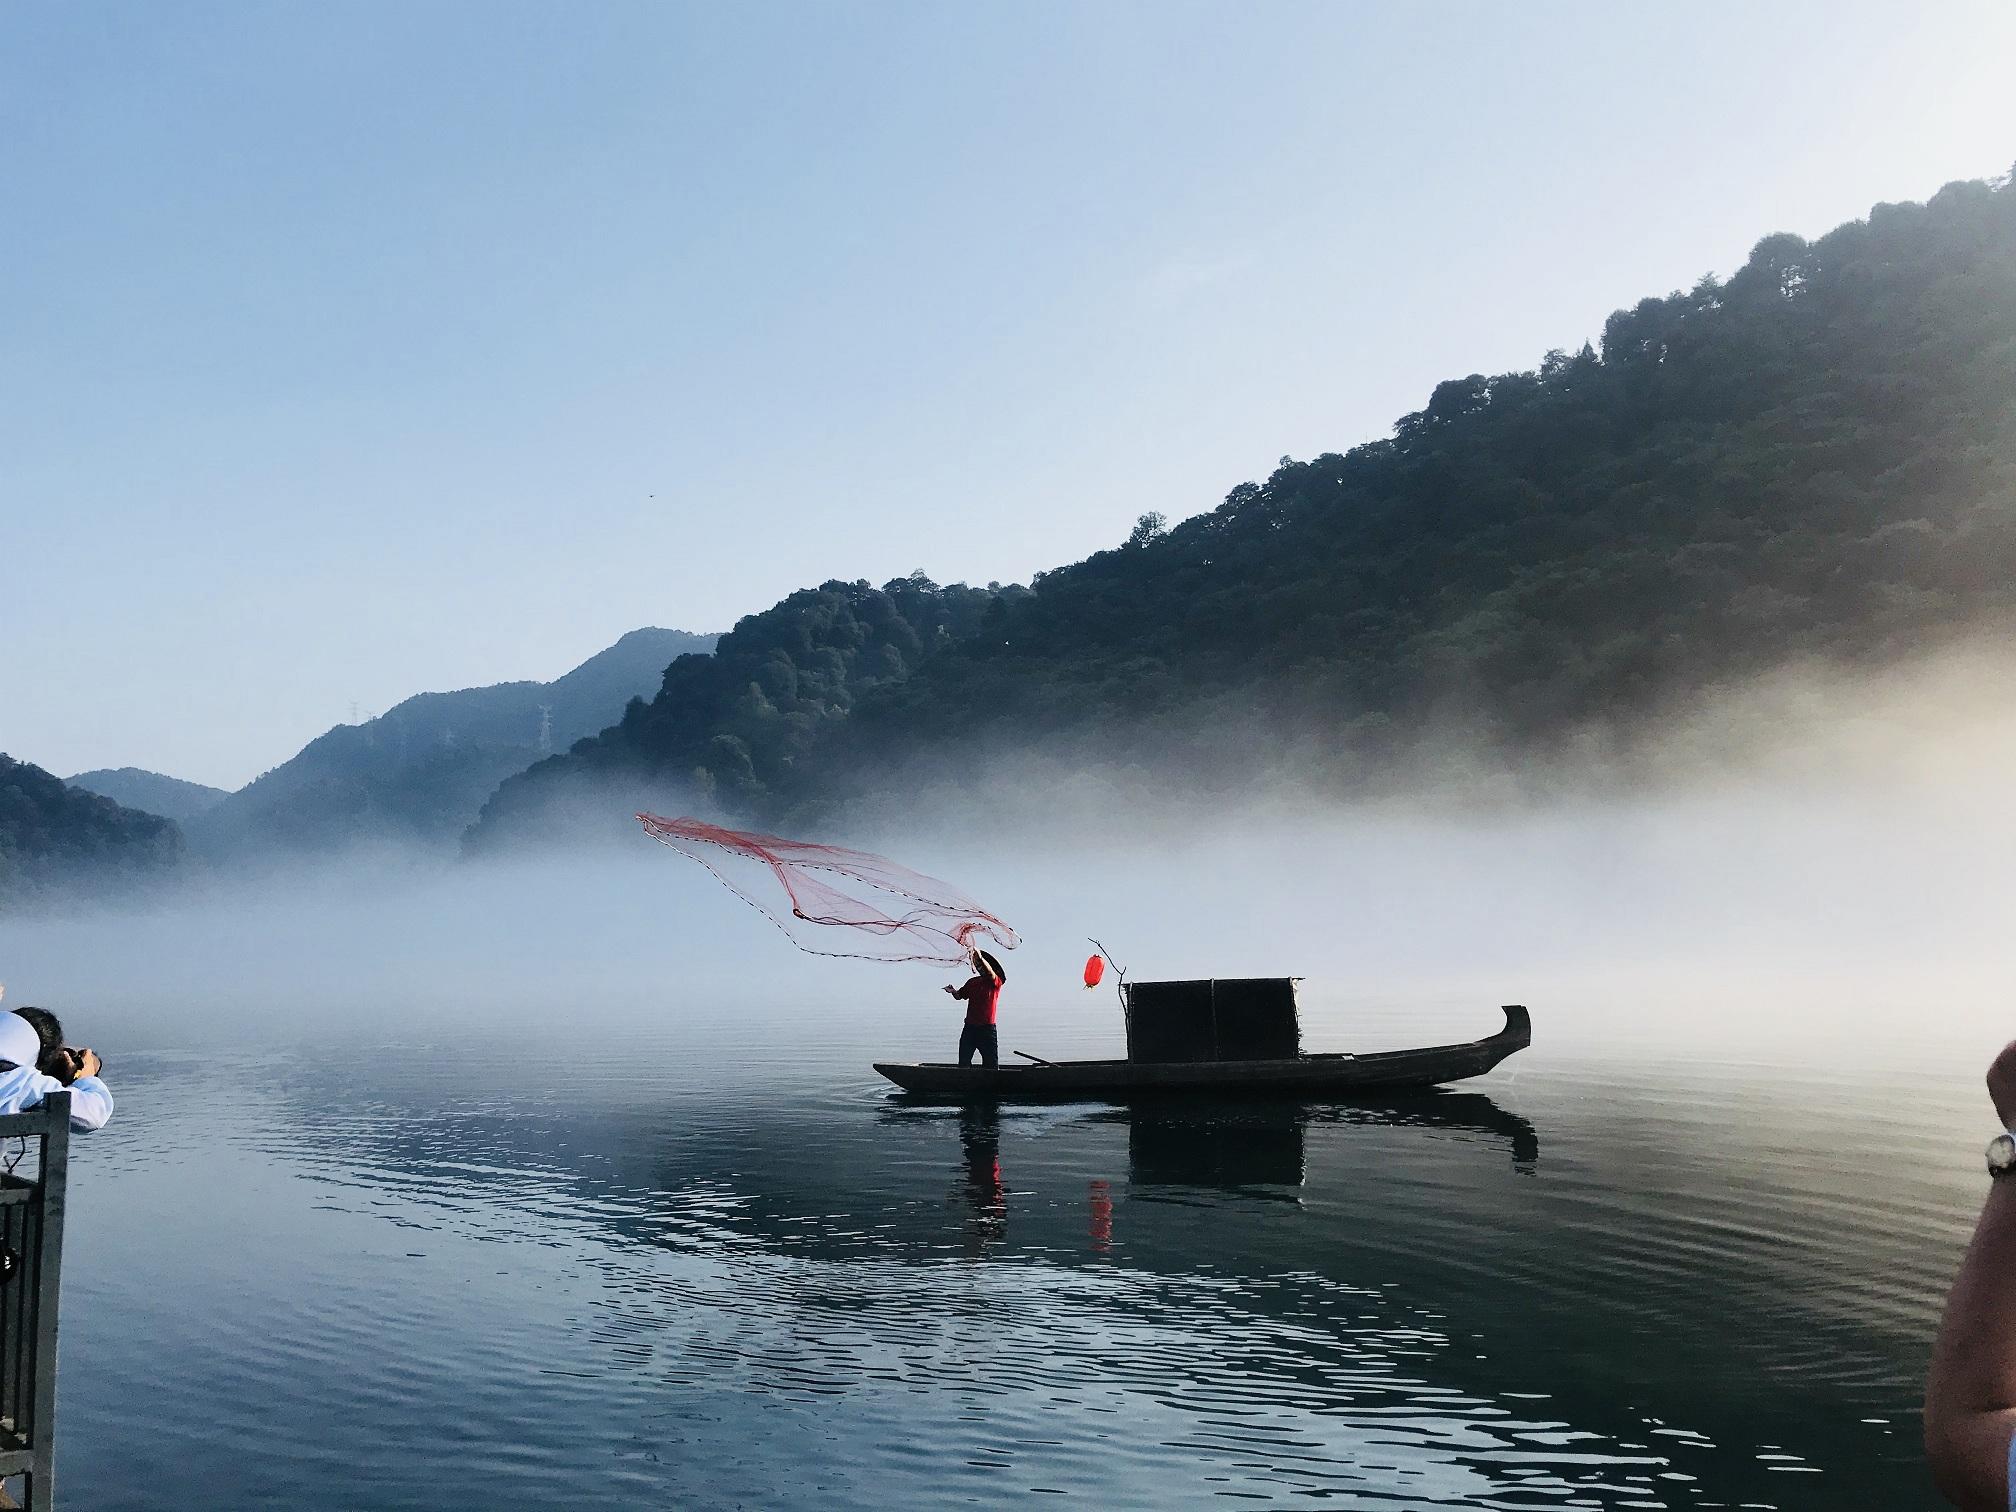 2019郴州东江湖旅游攻略玩点不一样!雾漫小东江绝对值得一去